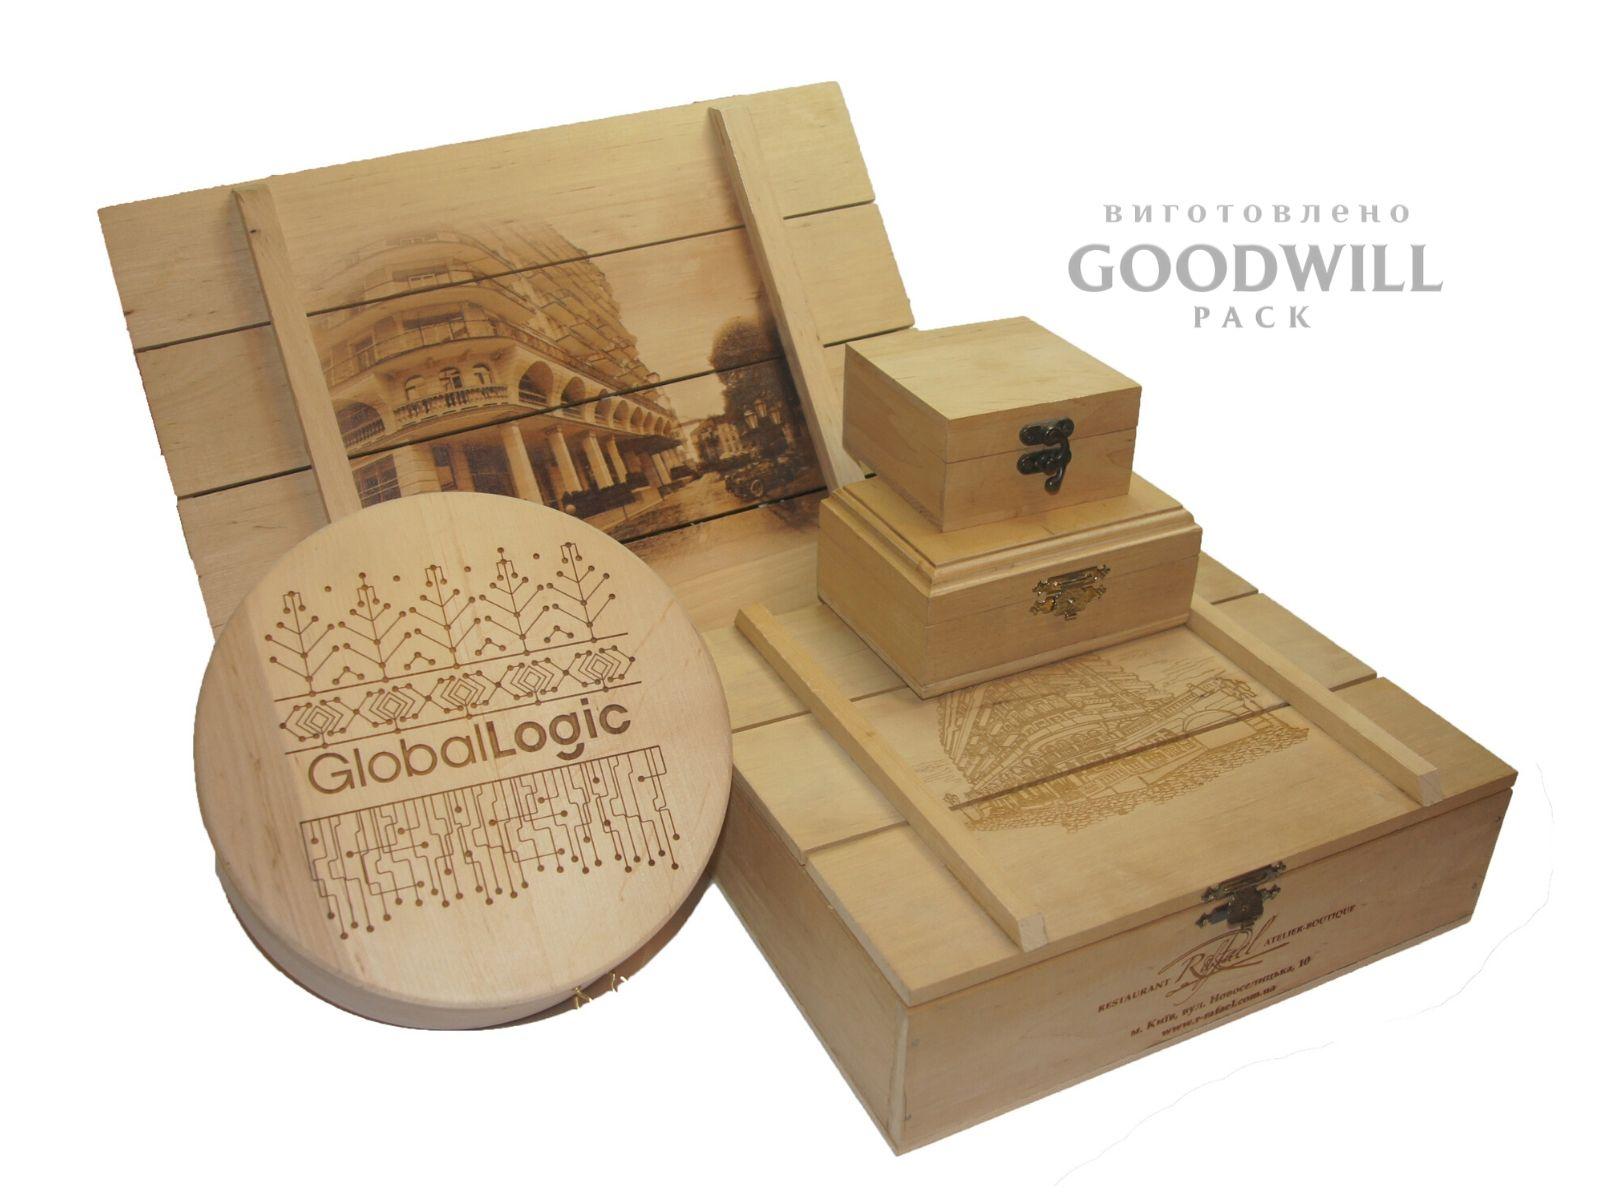 Дерев'яні коробки на замовлення